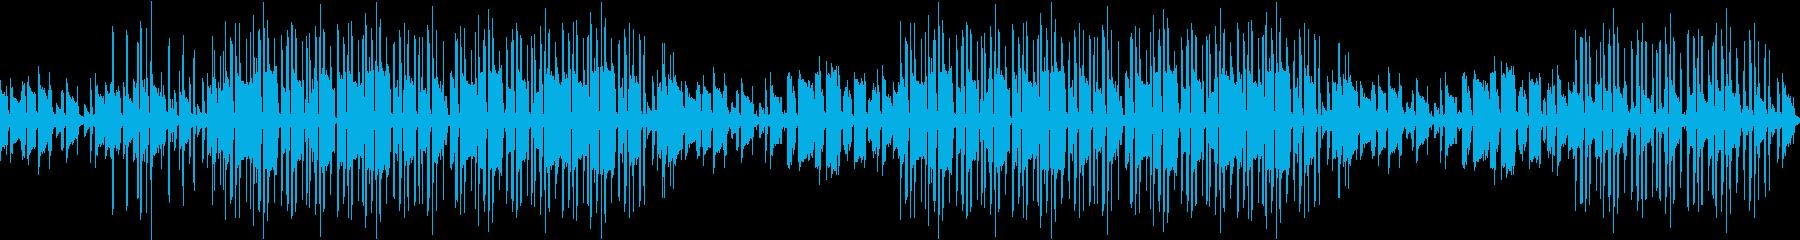 ギター・お洒落・カフェ・エモ・ループの再生済みの波形